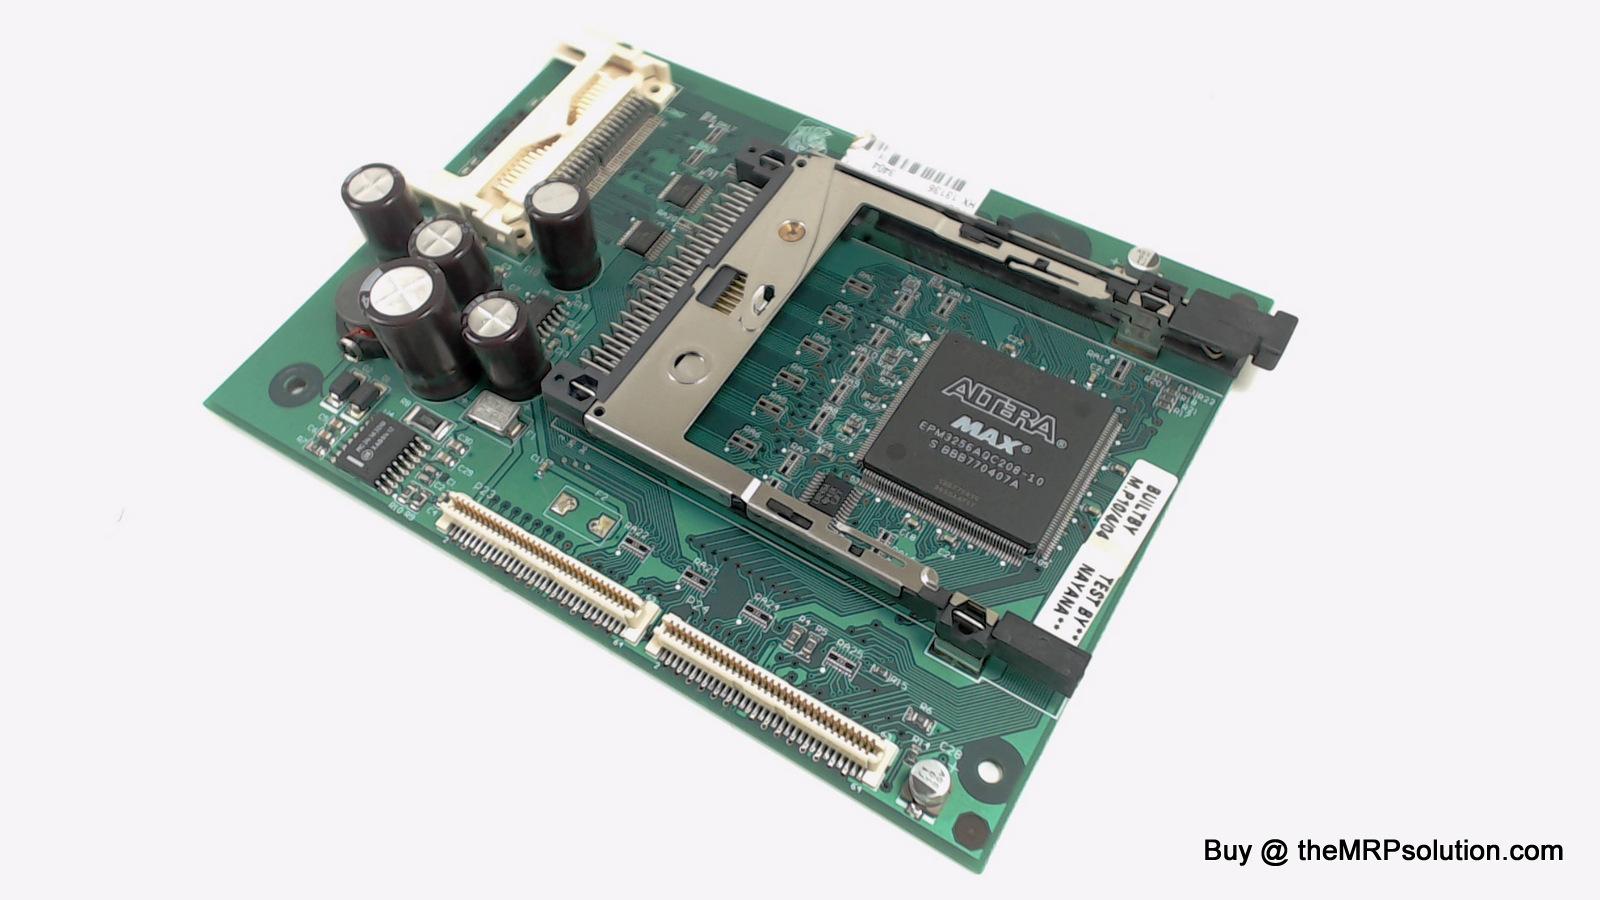 ZEBRA 79077 PCMCIA BOARD, Z4M PLUS New